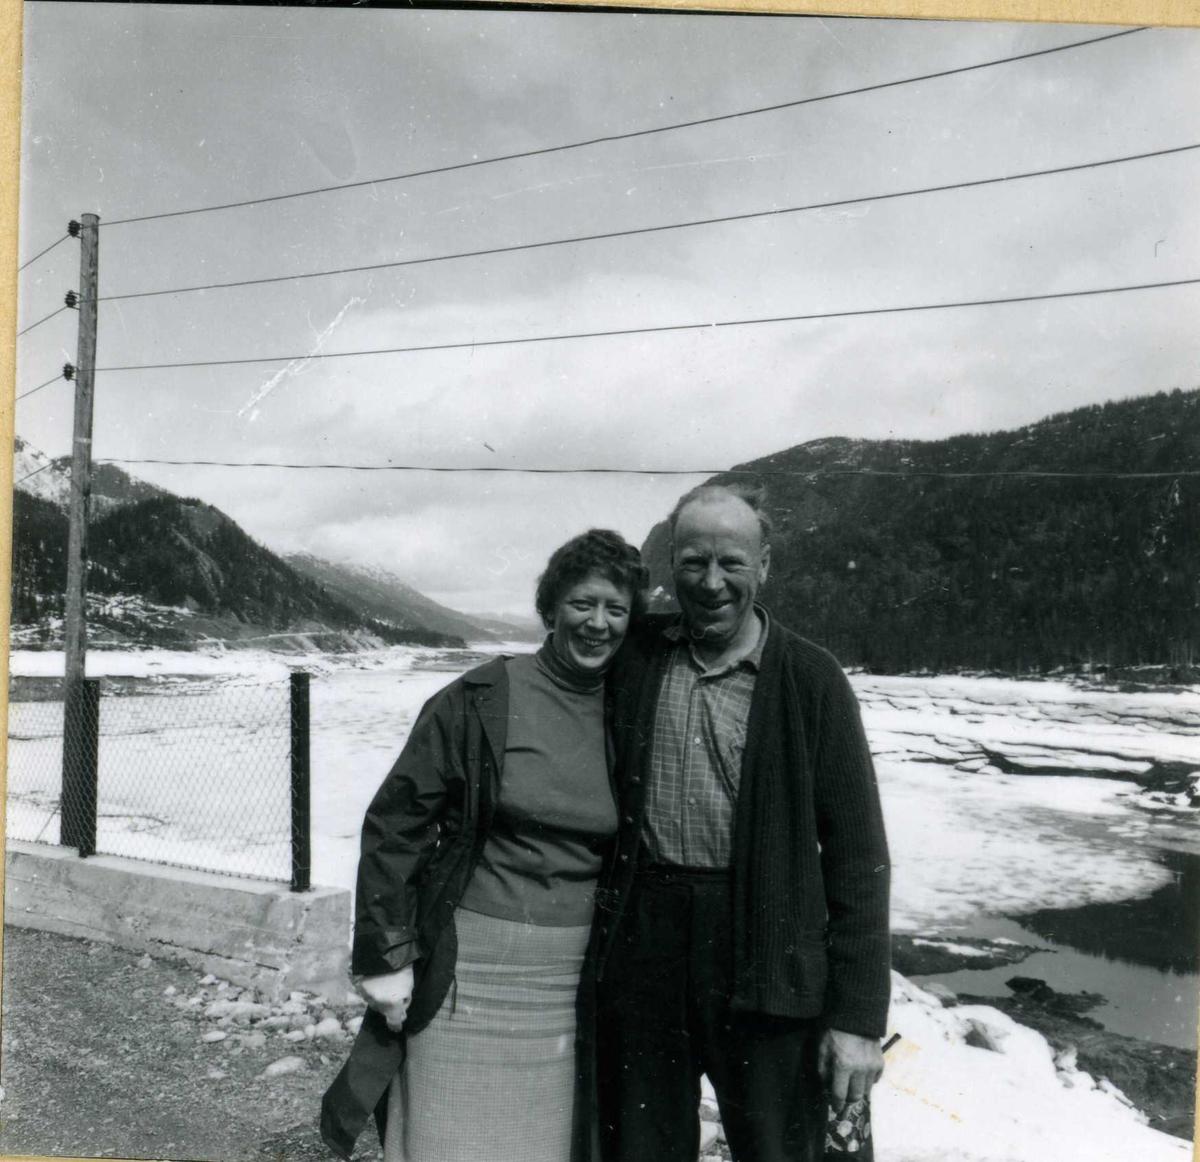 835-4 Margit Larsen og oppsynsmann Holøkken - Byrte